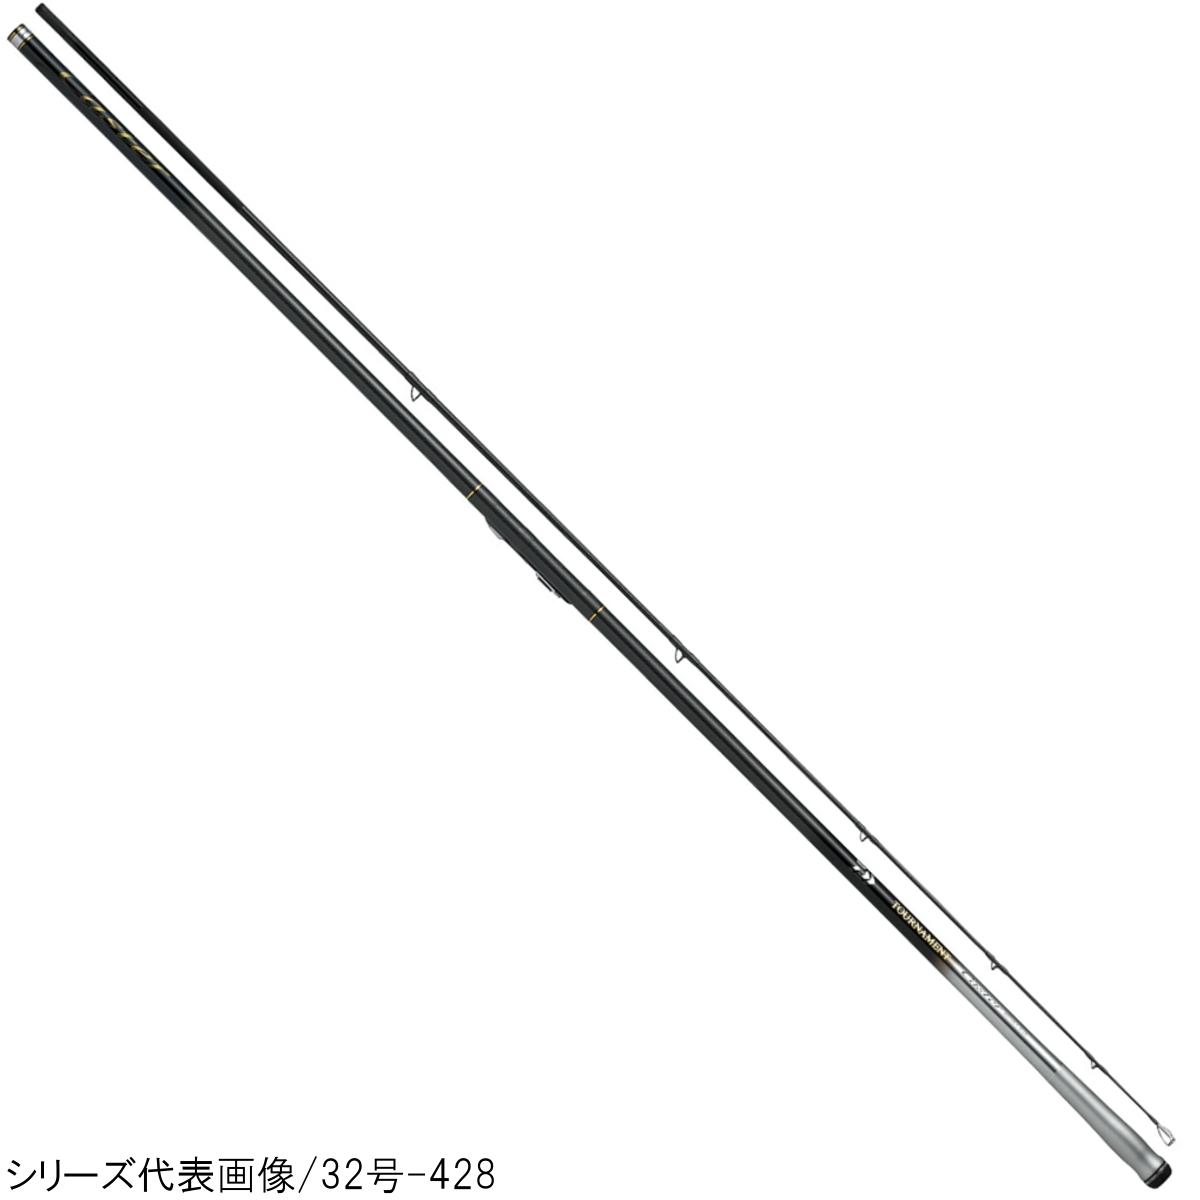 トーナメント キャスター AGS タイプT 33号-400 ダイワ【大型商品】